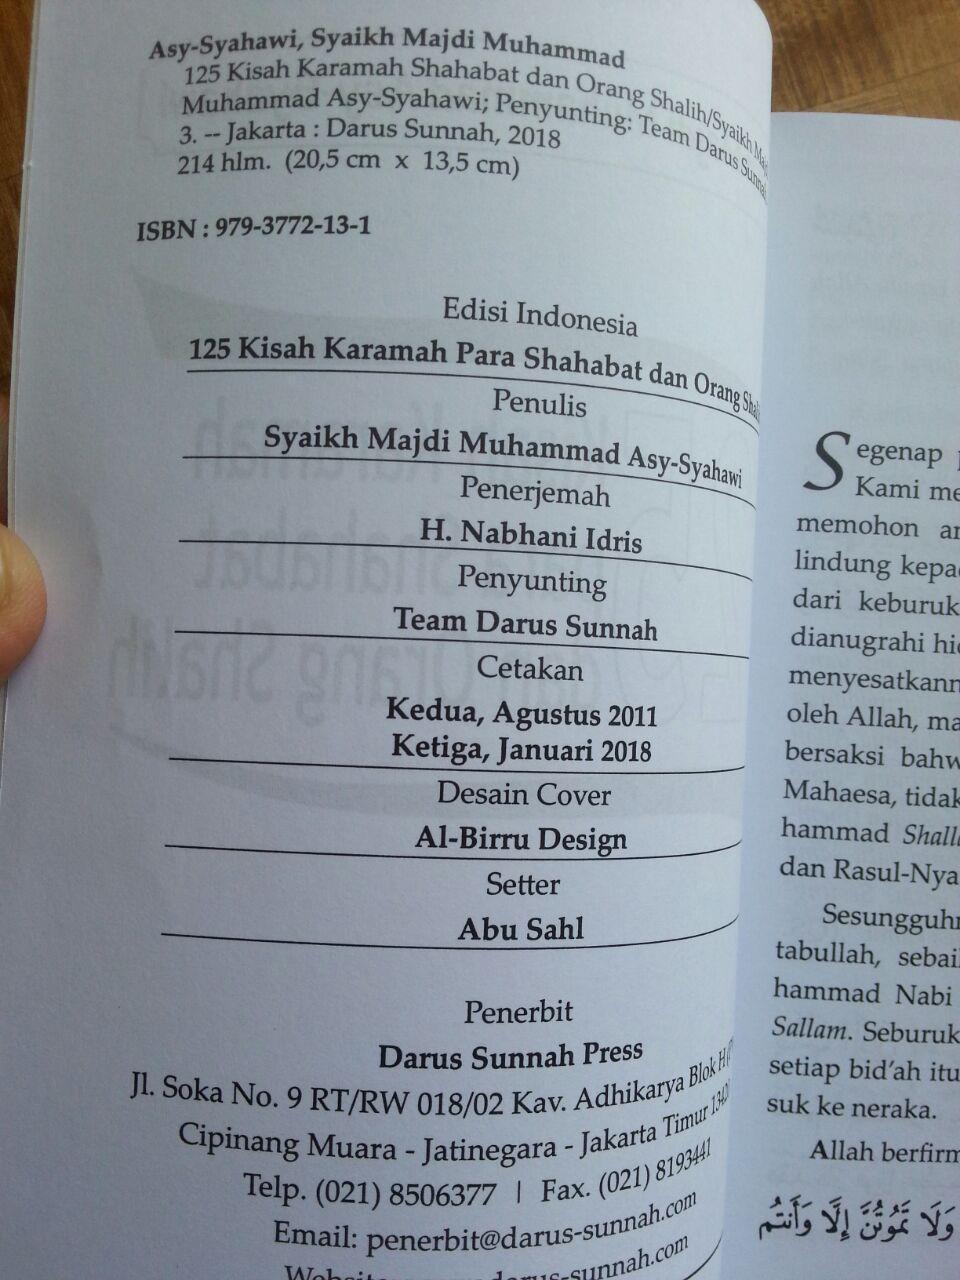 Buku 125 Kisah Karamah Para Shahabat Dan Orang Shalih isi 2